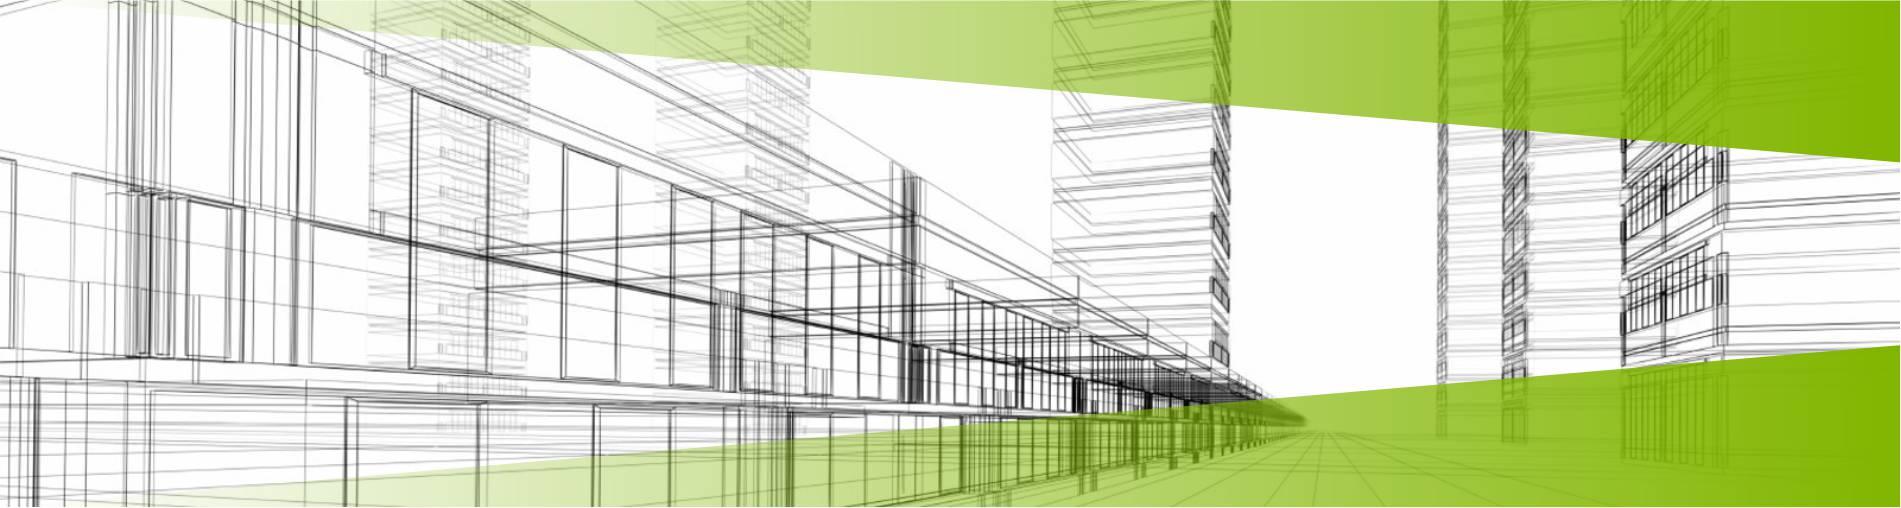 Tproyecto - Proyectos de Ingenieria Cordoba